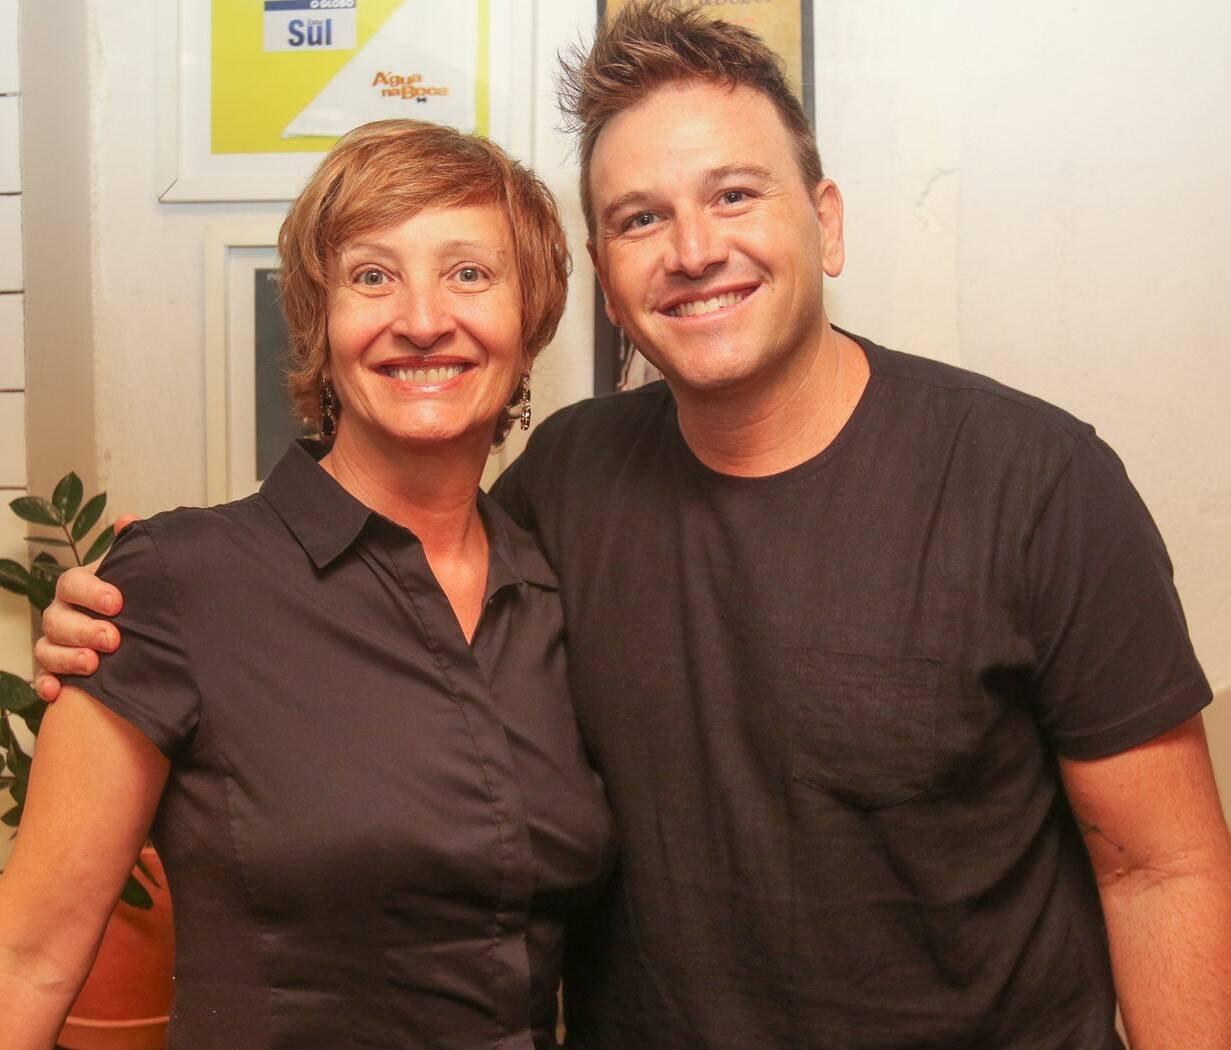 Sonia Bridi com o chef Pedro Siqueira  /Foto: Gianne Carvalho